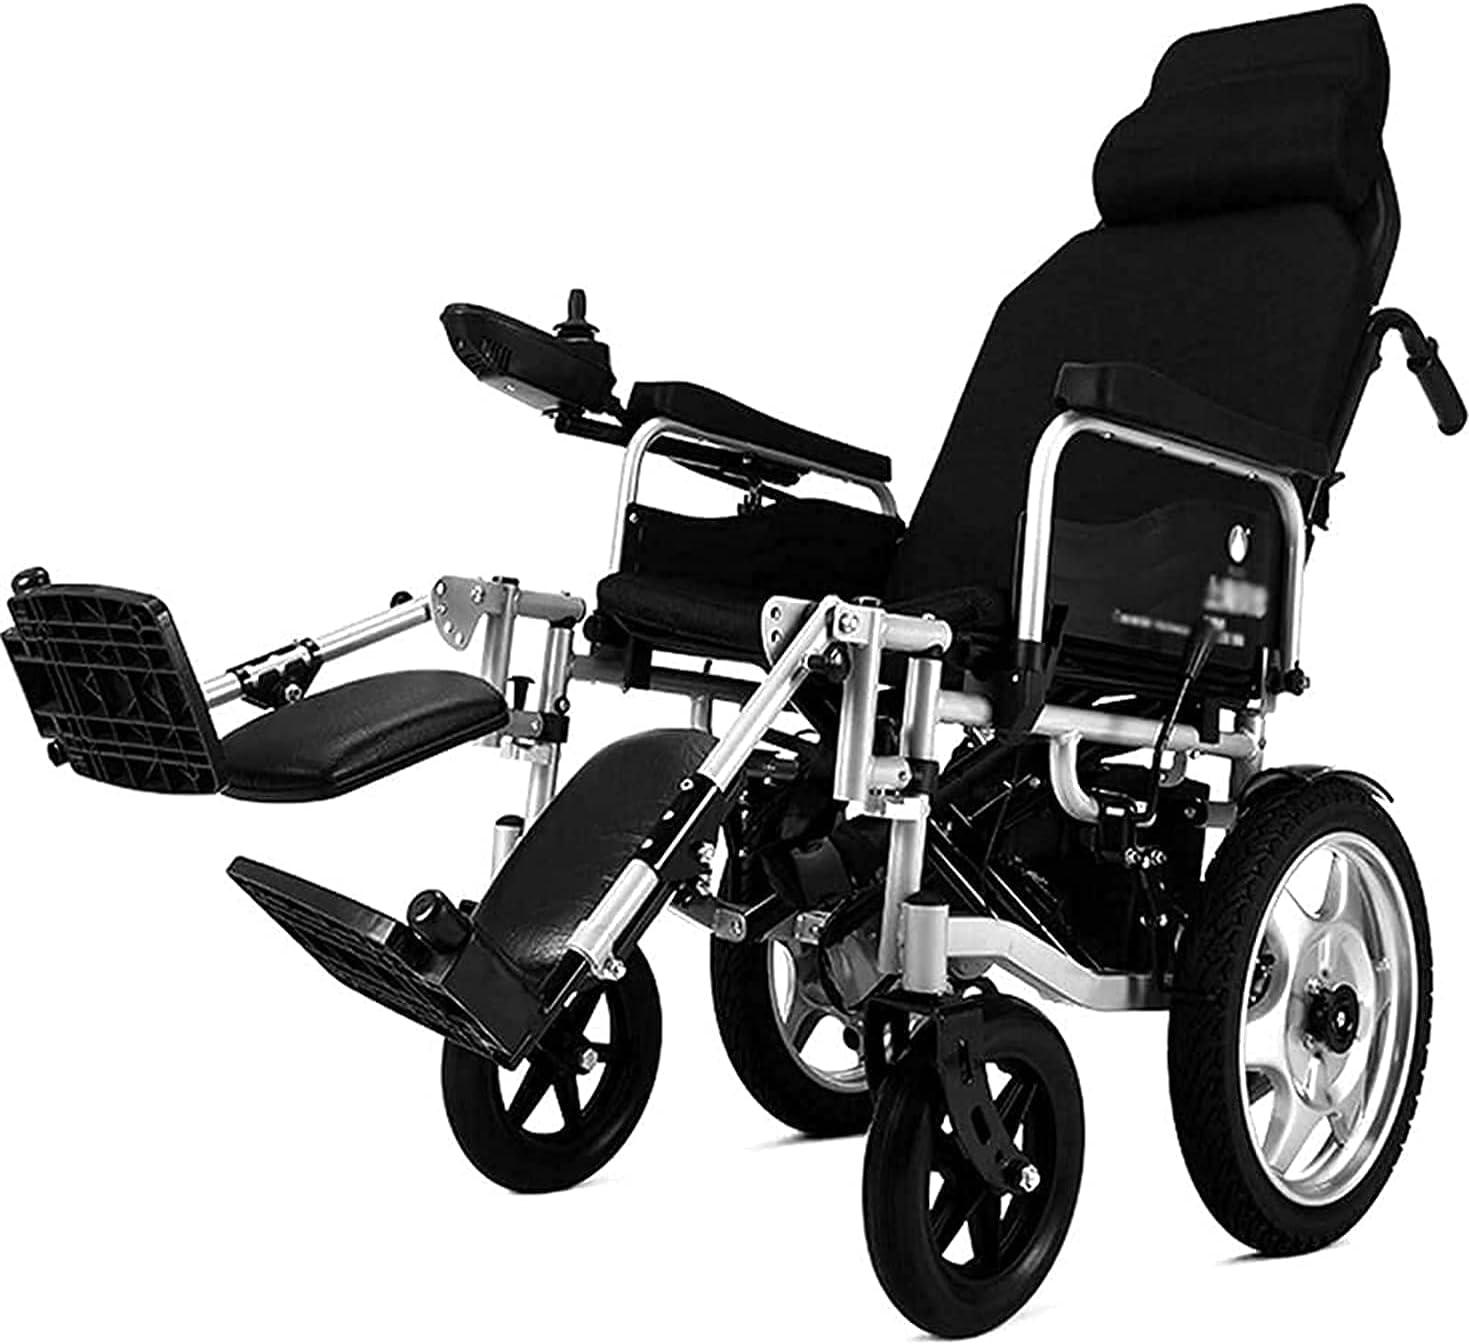 Silla de ruedas eléctrica para trabajo pesado con reposacabezas, silla eléctrica portátil plegable y liviana con cinturón de seguridad, respaldo ajustable y sillas de ruedas motorizadas con pedal